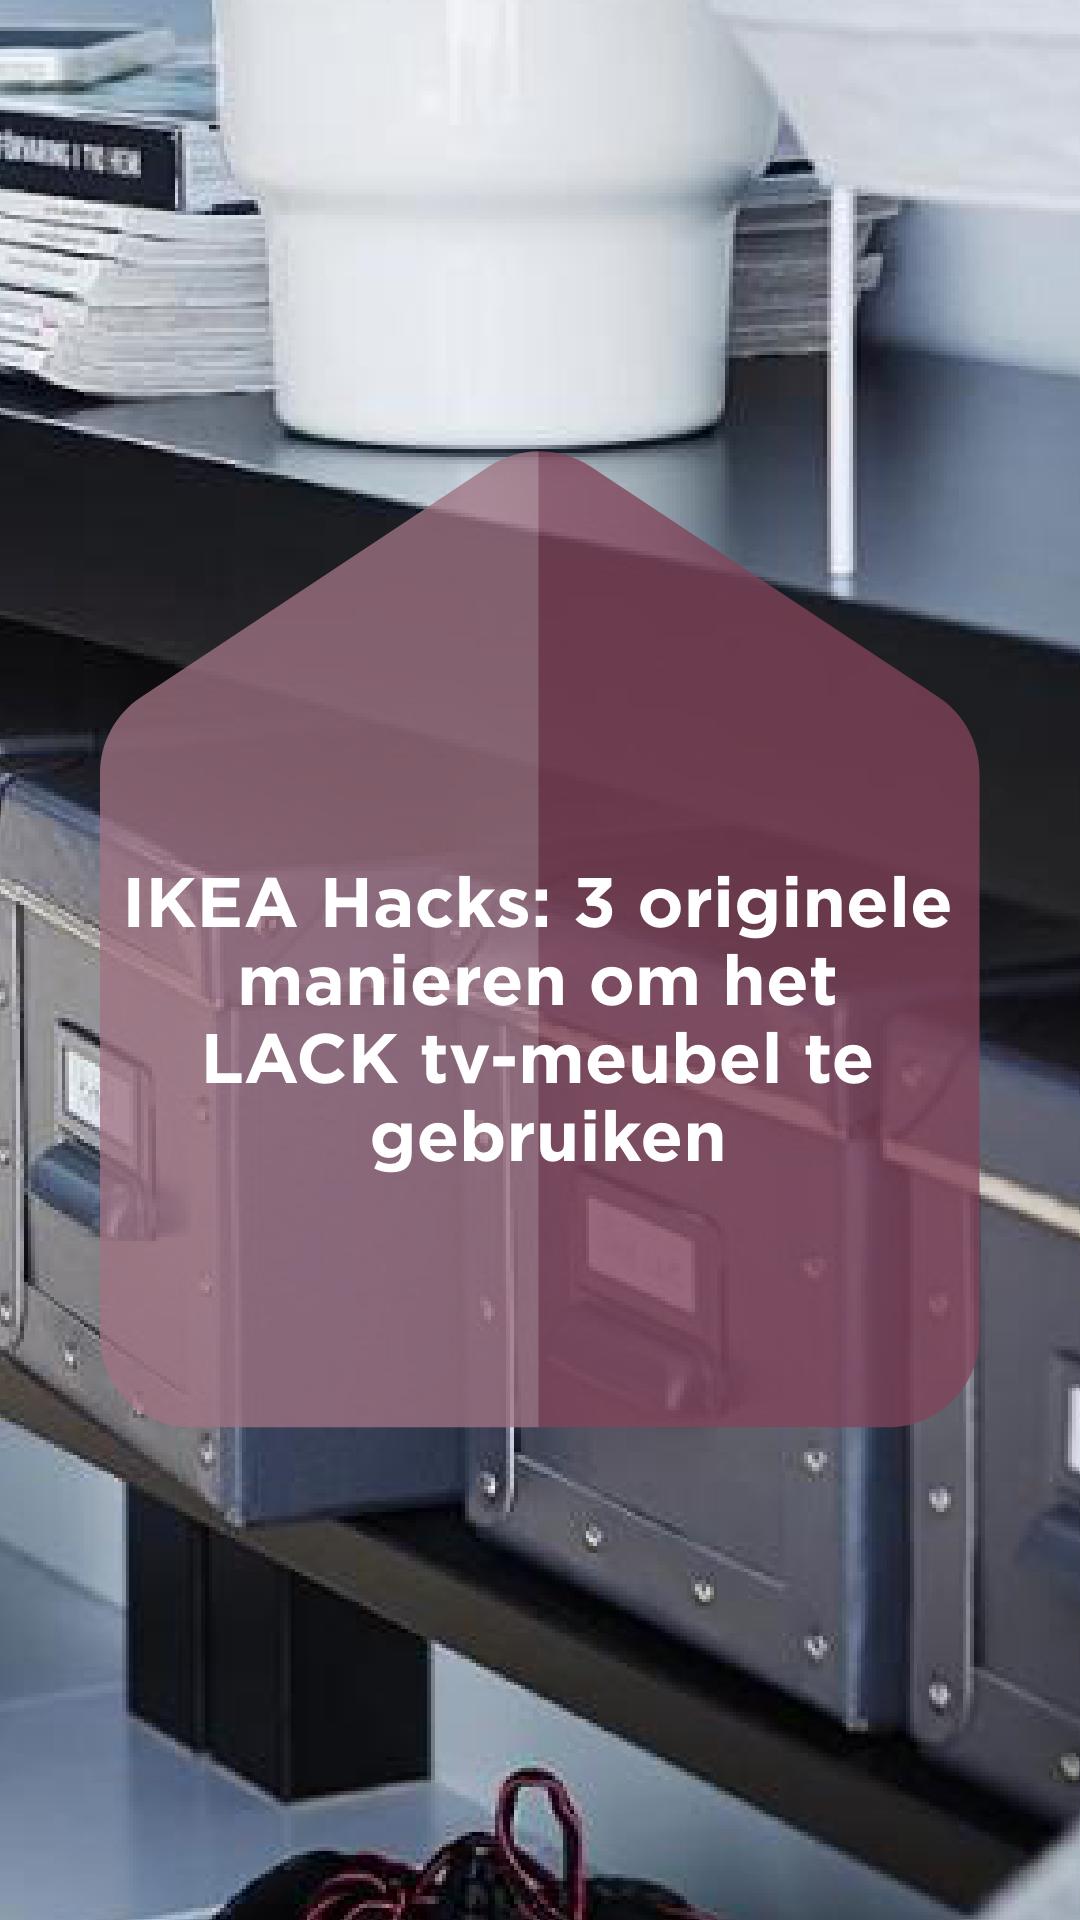 Lack Tv Meubel Ikea Zwart.Ikea Hacks Verschillende Manieren Om Het Lack Tv Meubel Te